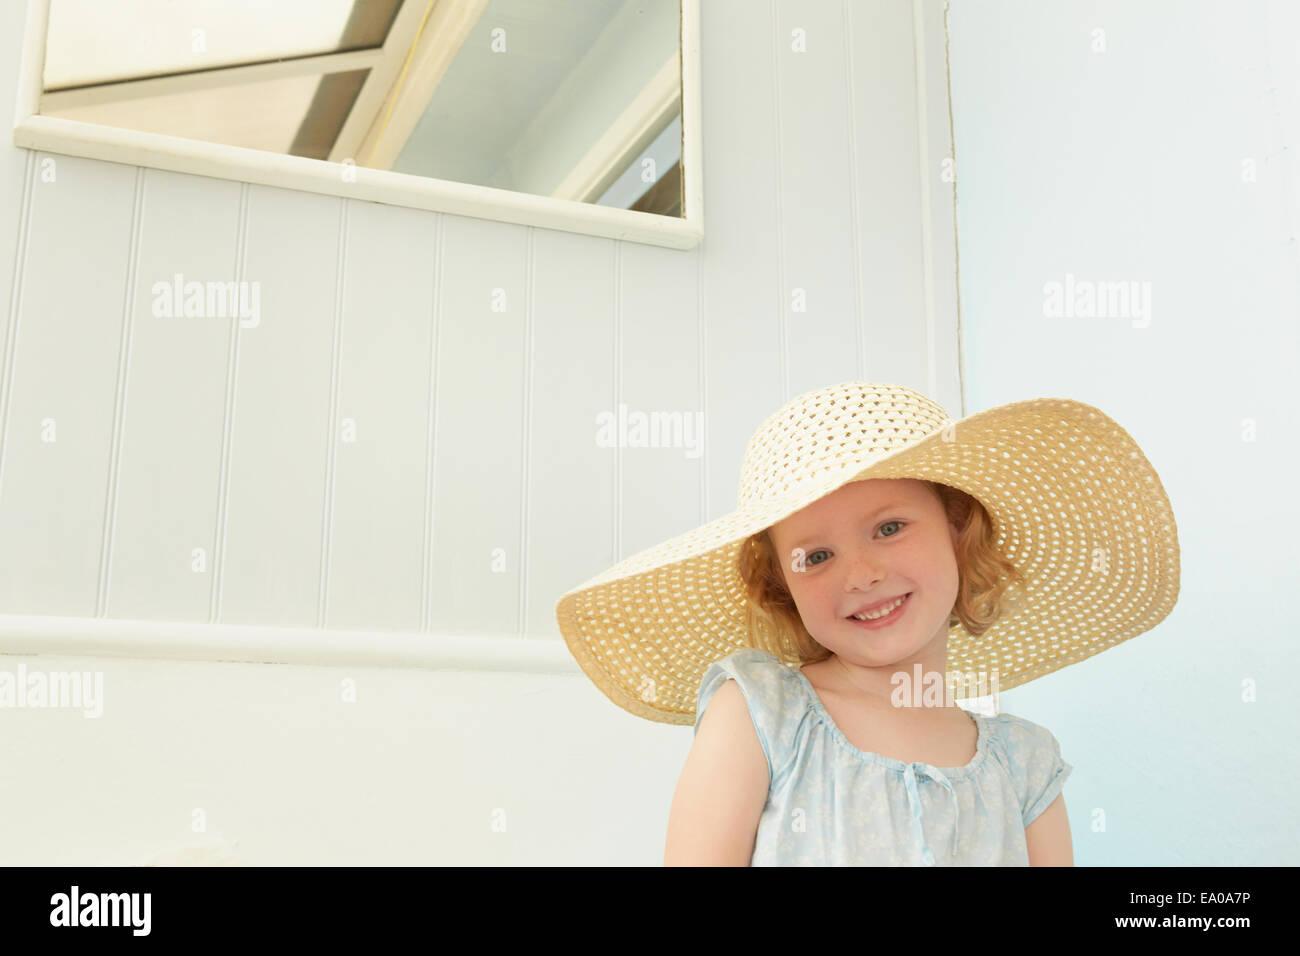 Retrato de chica con sombrero en apartamento de vacaciones Imagen De Stock